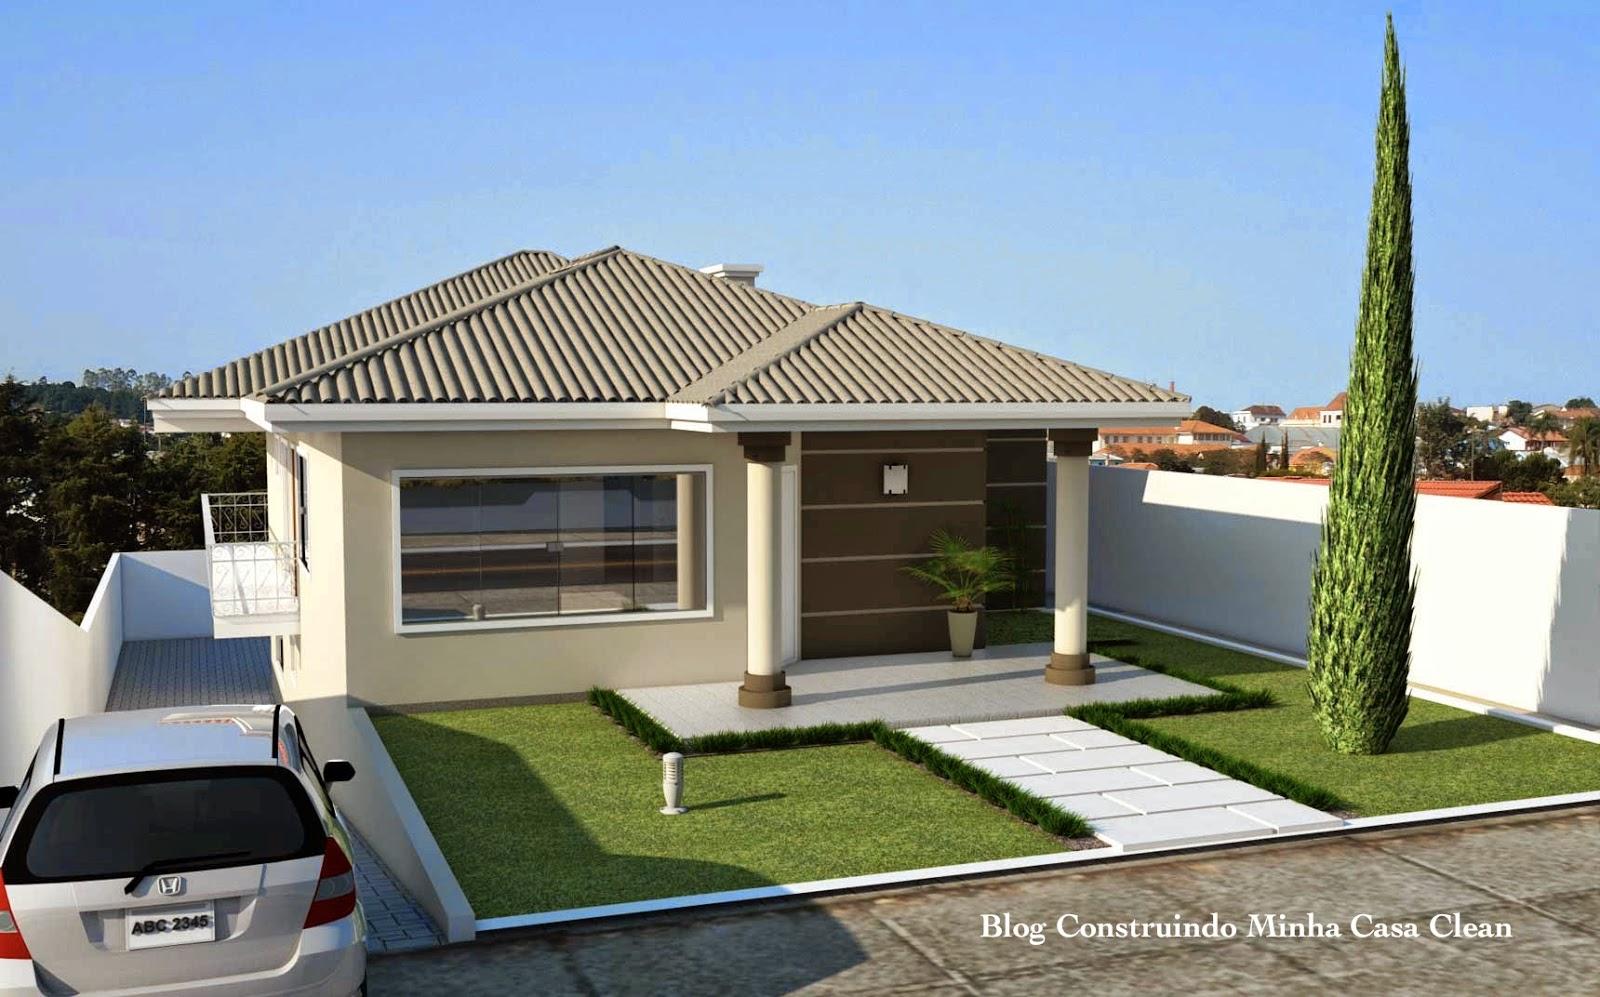 Construindo minha casa clean fachadas de casas com garagem for Fachadas para residencias